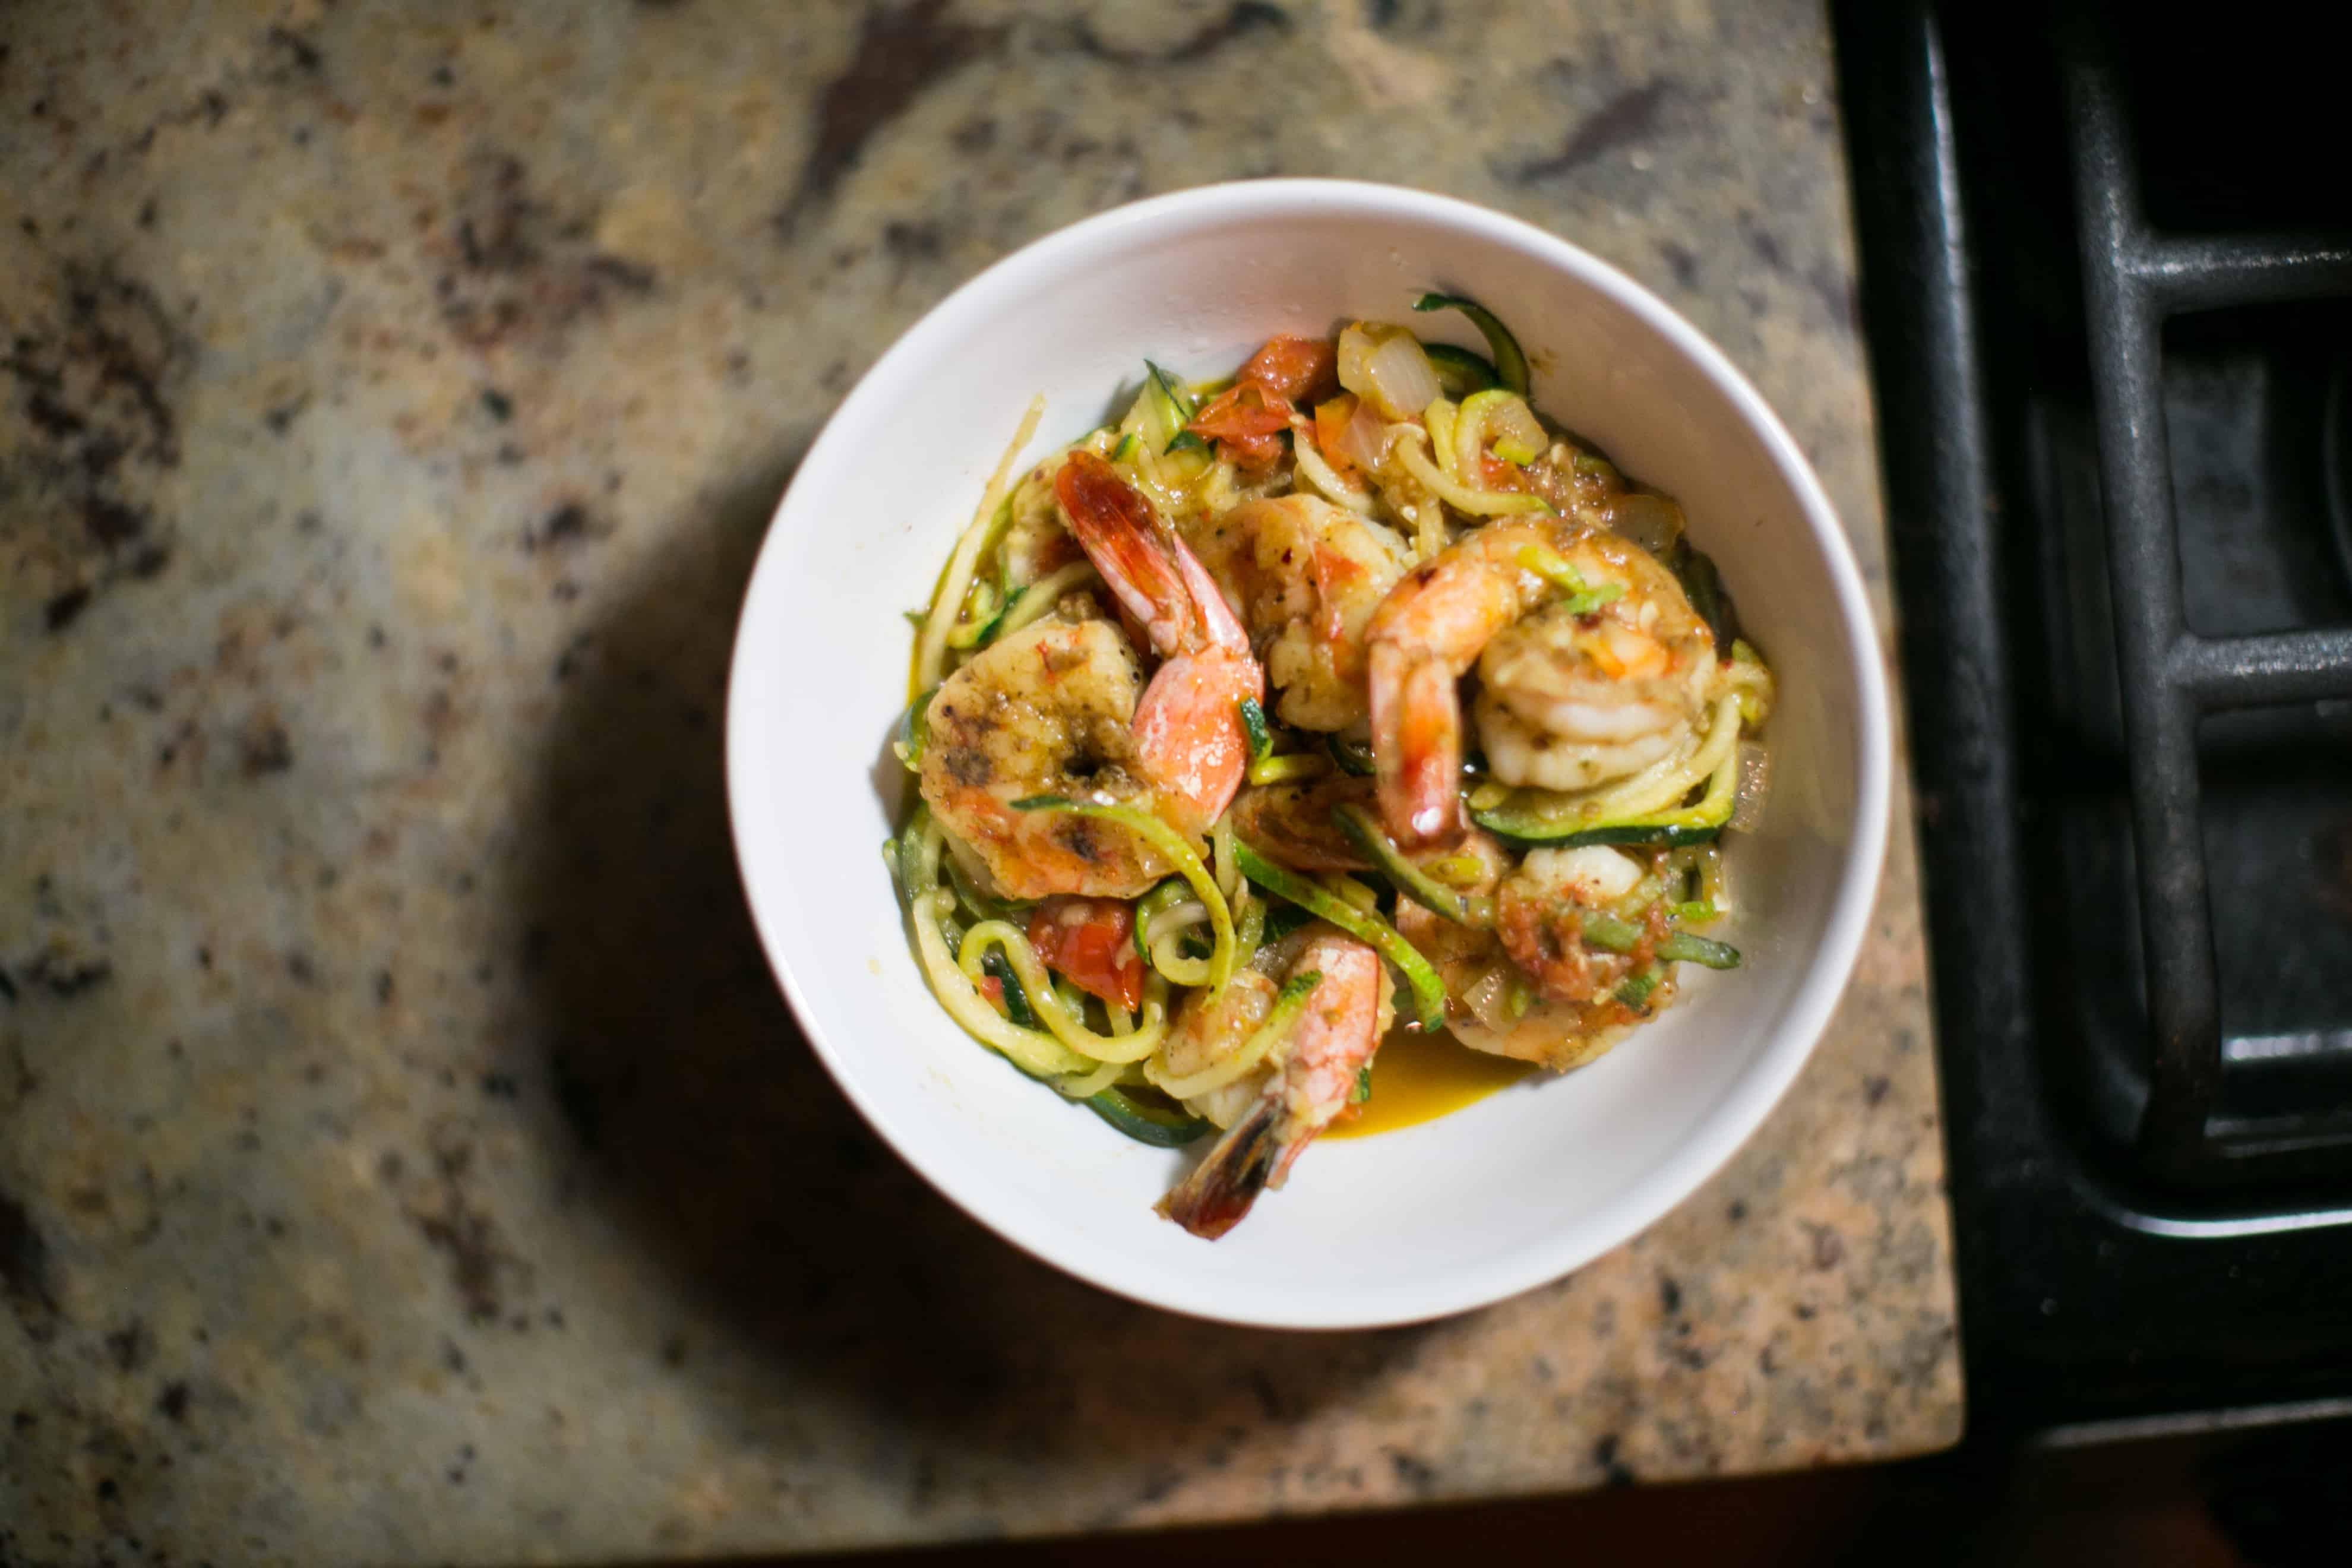 Shrimp and Zucchini Noodle Bowl